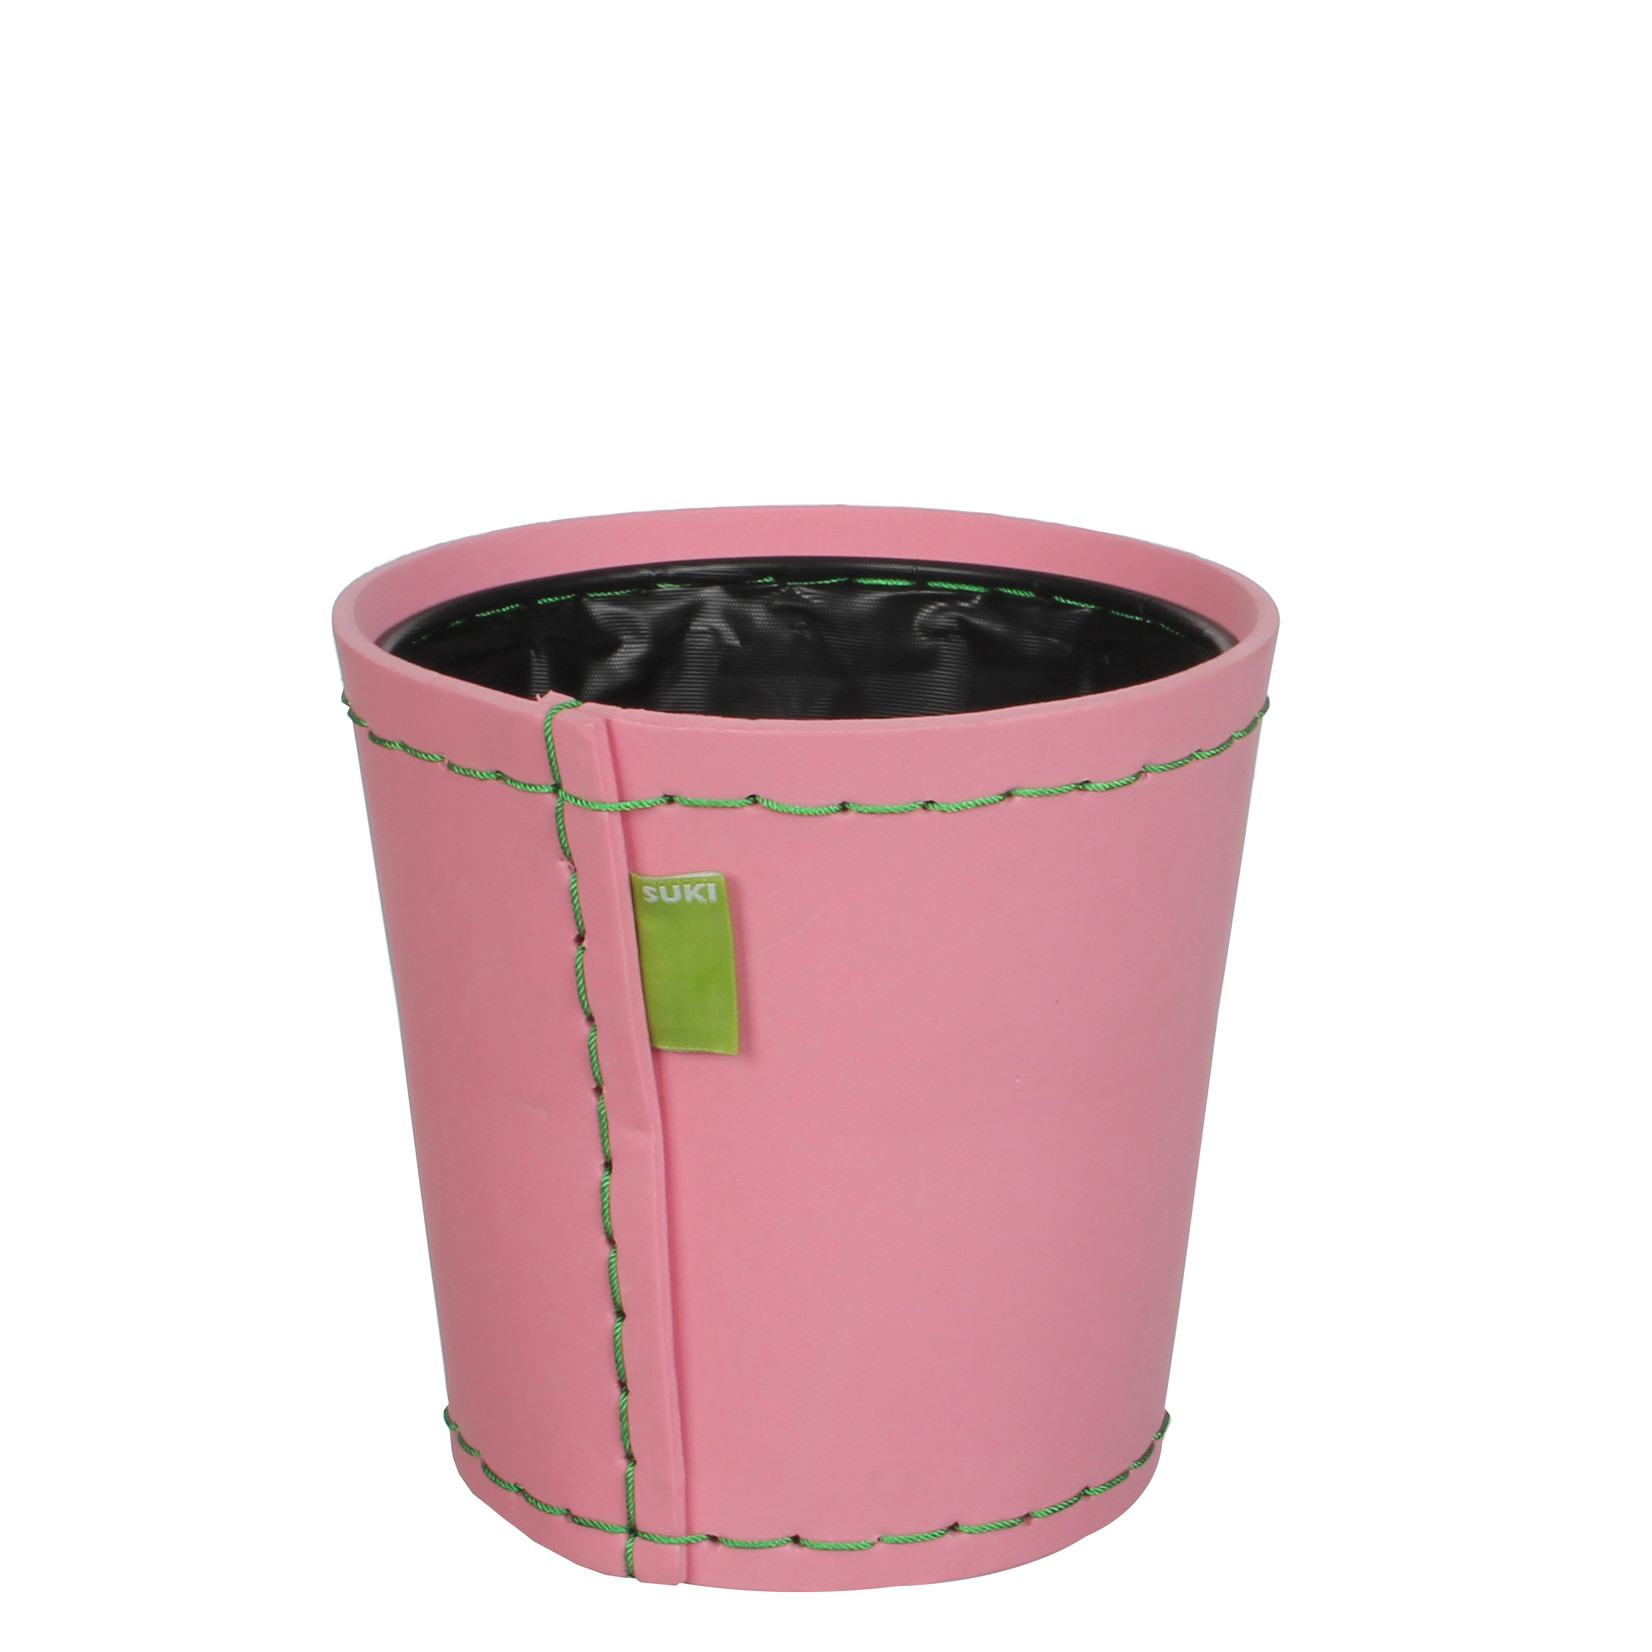 MiCa 152309 Pot rond Suki Roze